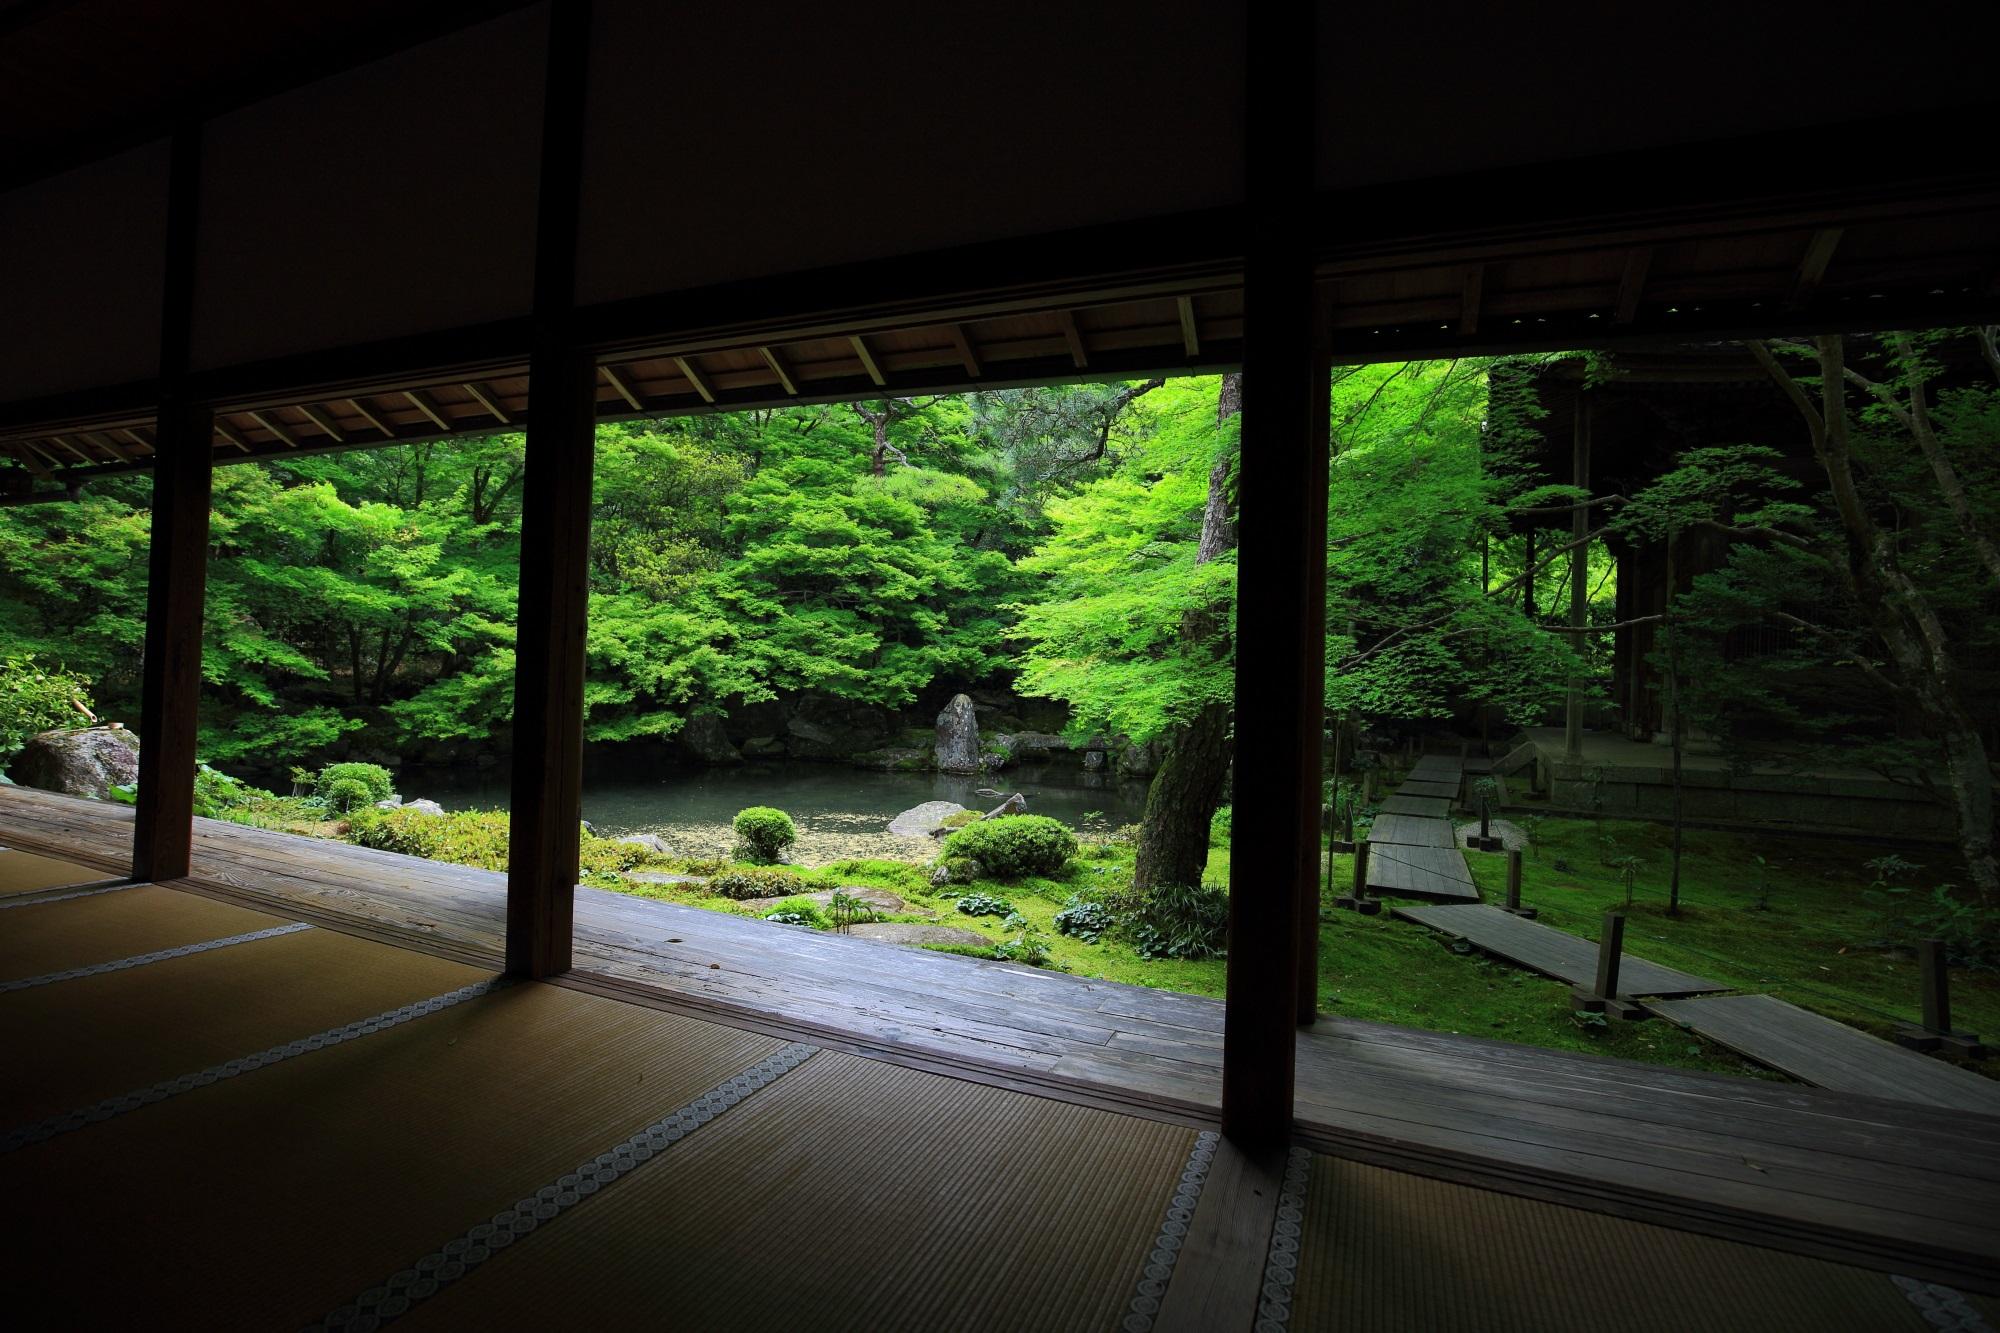 青もみじ 蓮華寺 緑 綺麗 庭園